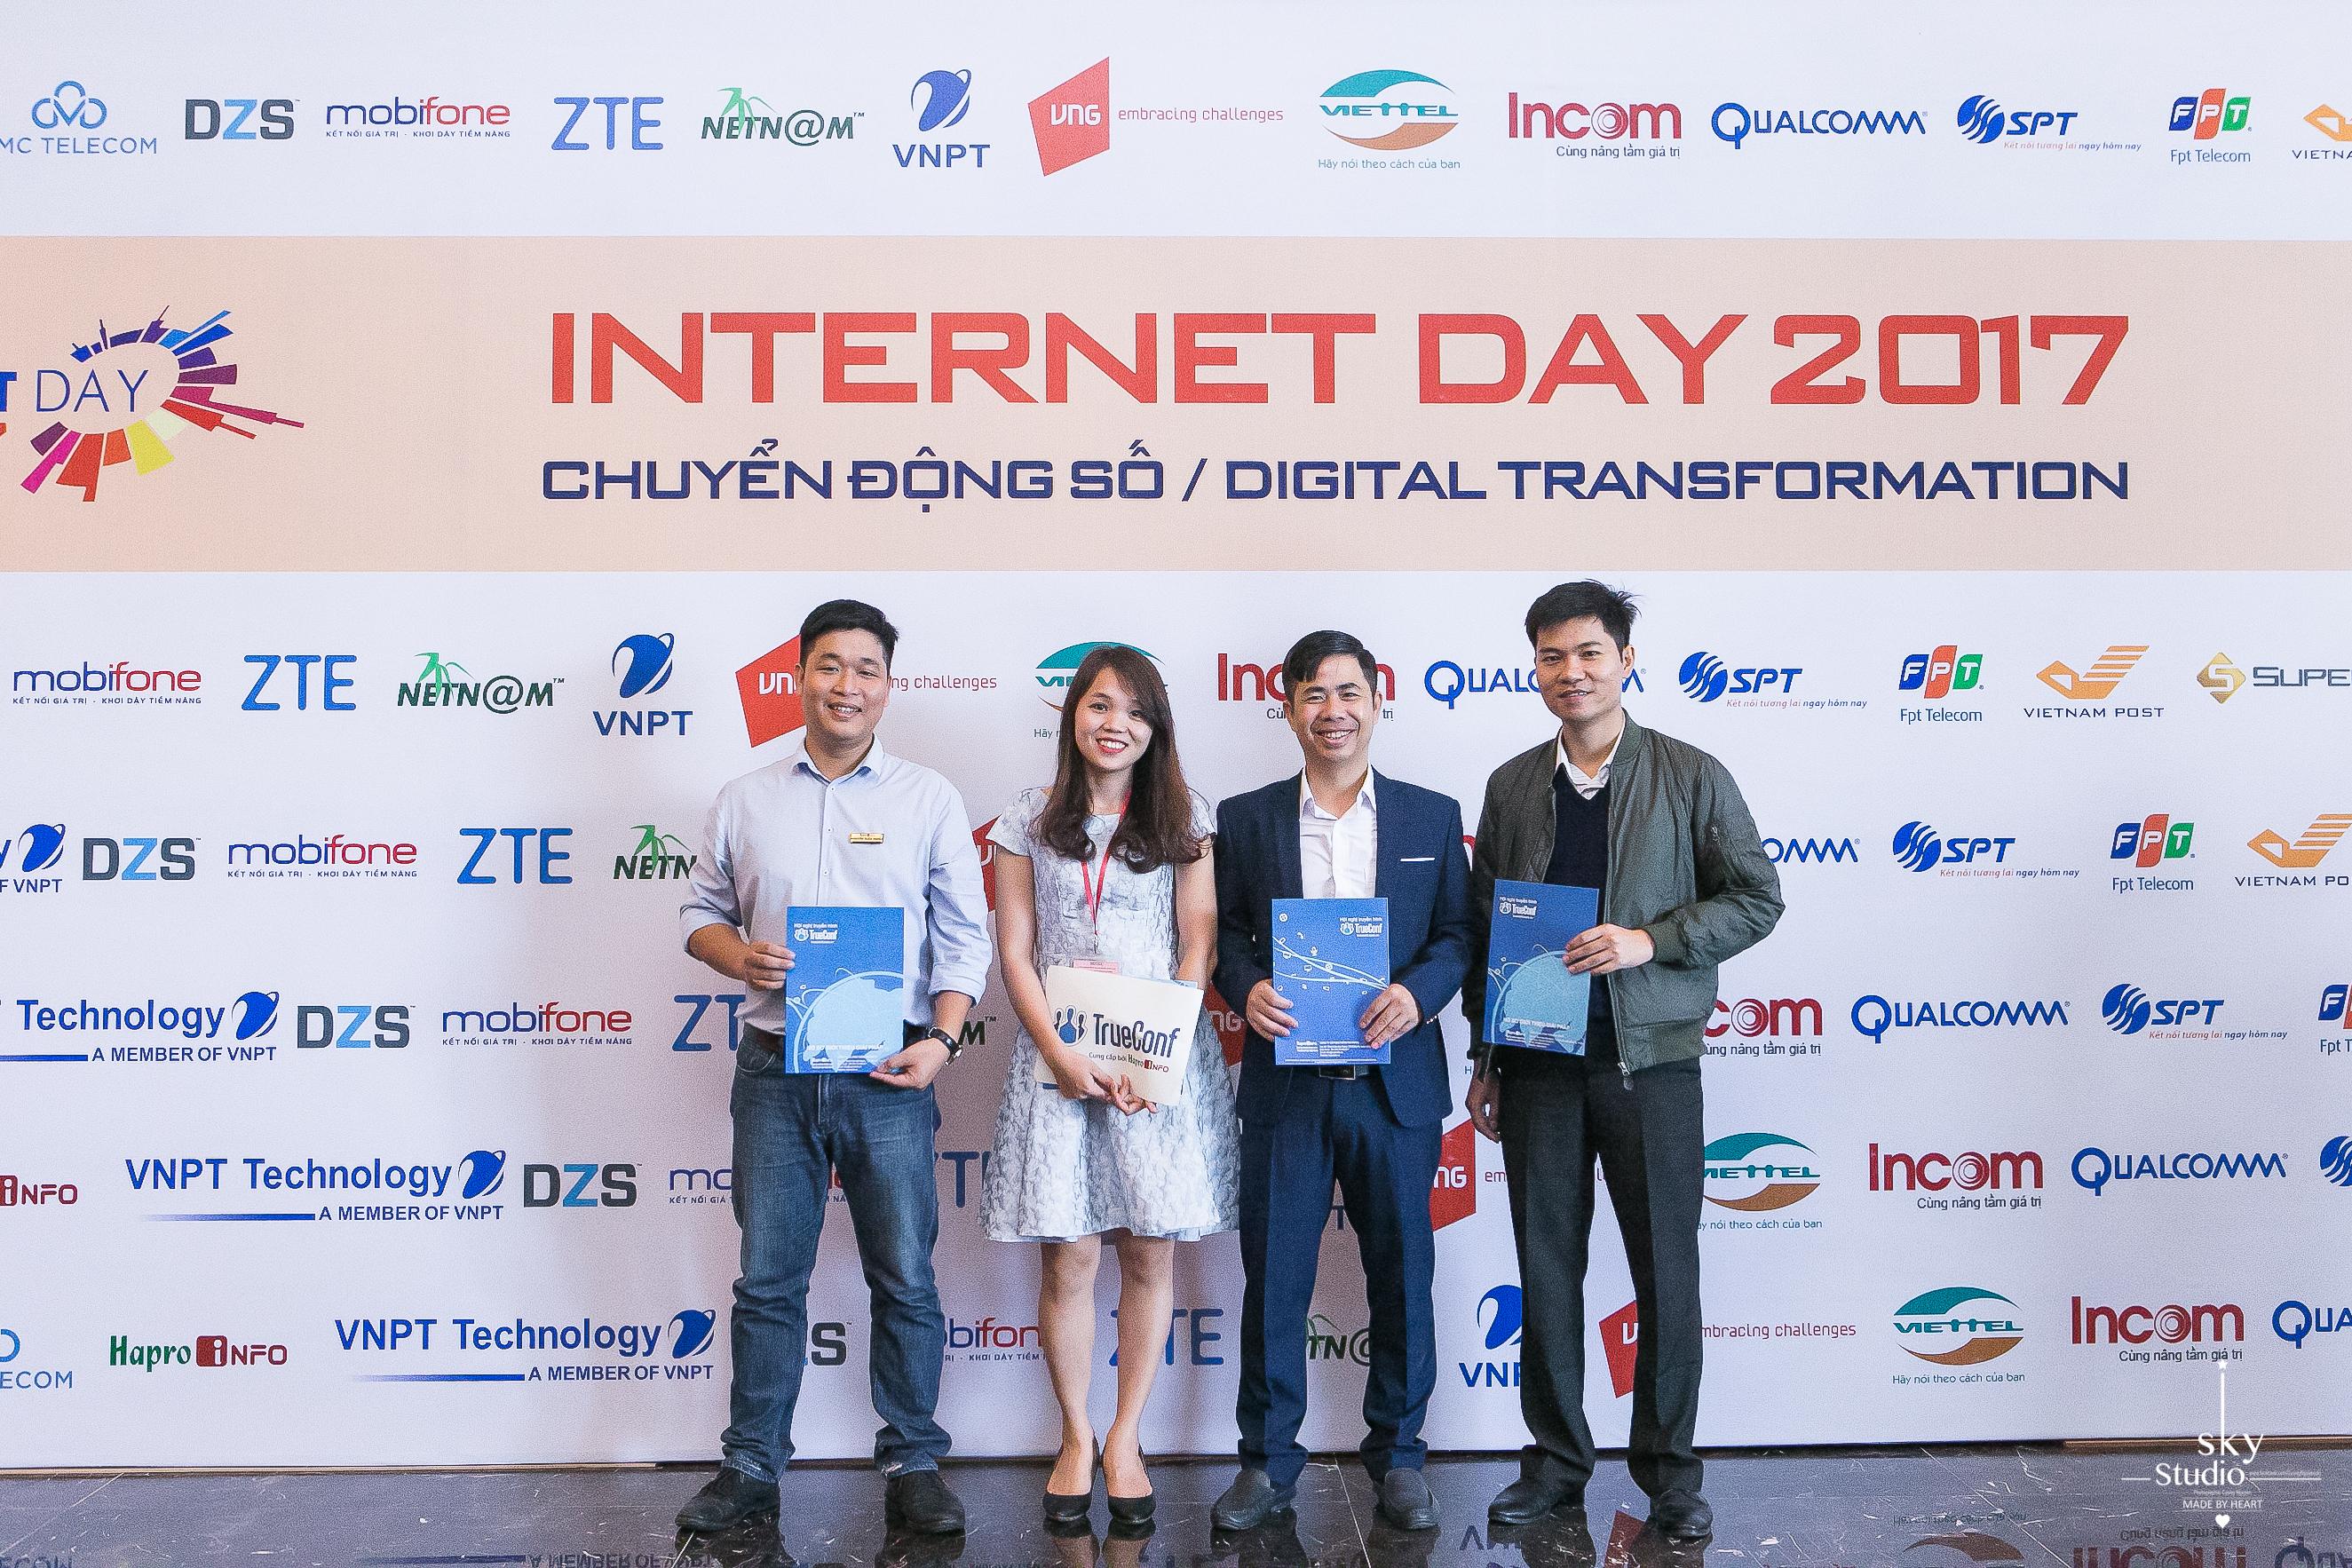 Trueconf và ngày hội Internetday 2017